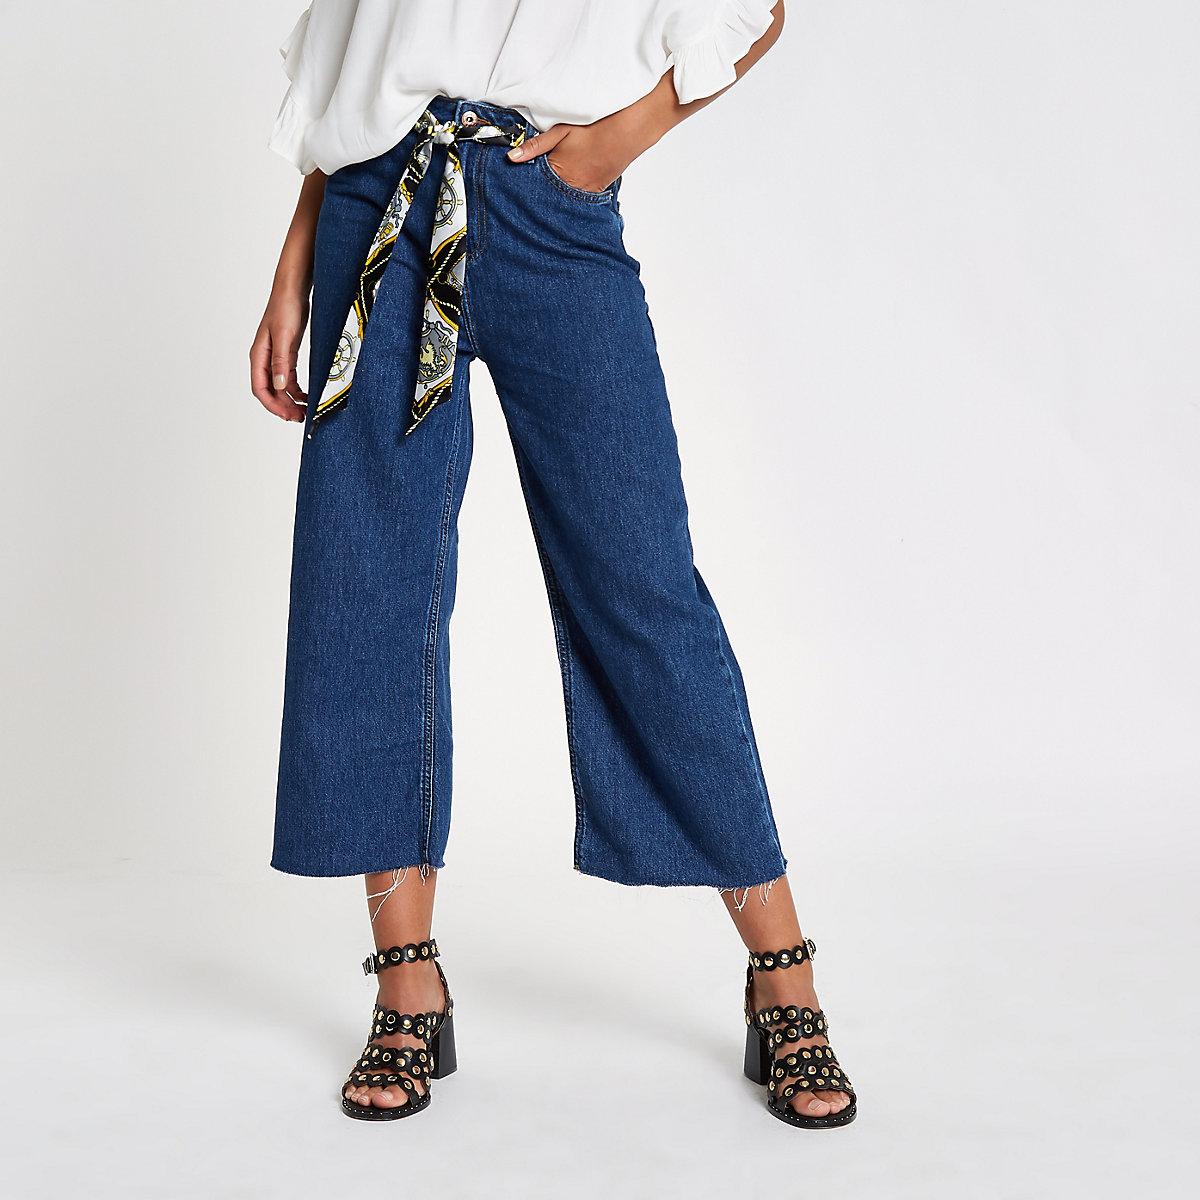 Alexa – Blaue Cropped-Jeans mit weitem Bein und Gürtel